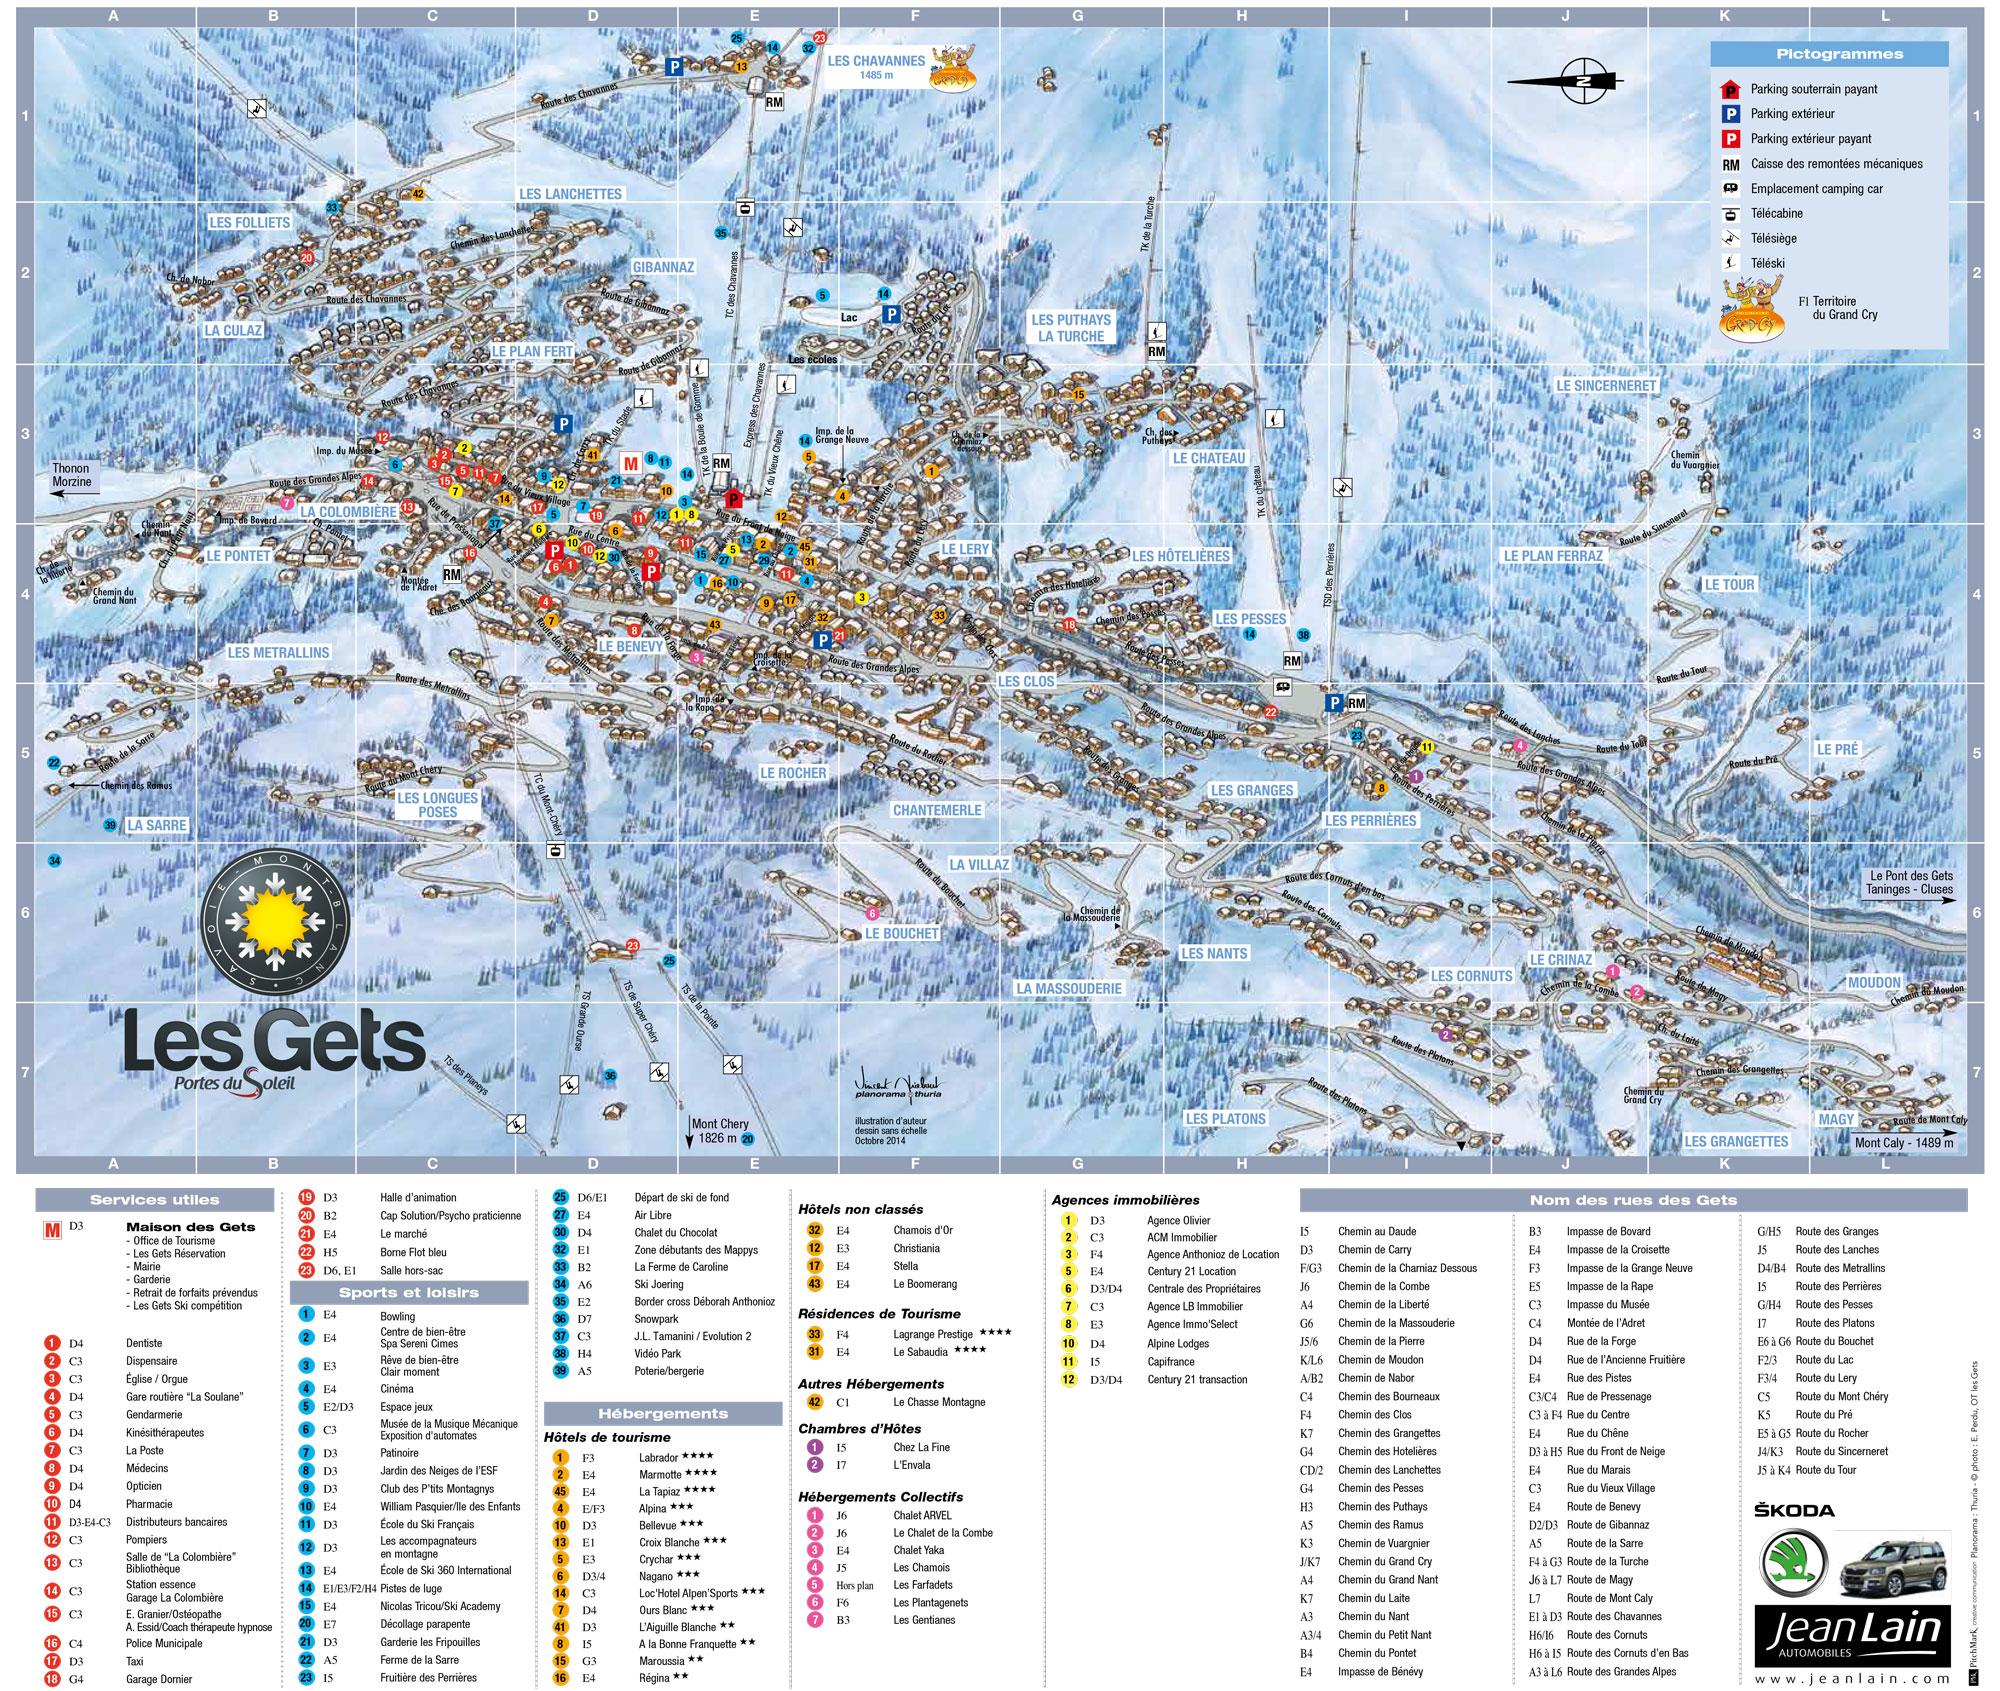 Station de ski les gets tetras sports les gets - Office tourisme villedieu les poeles ...